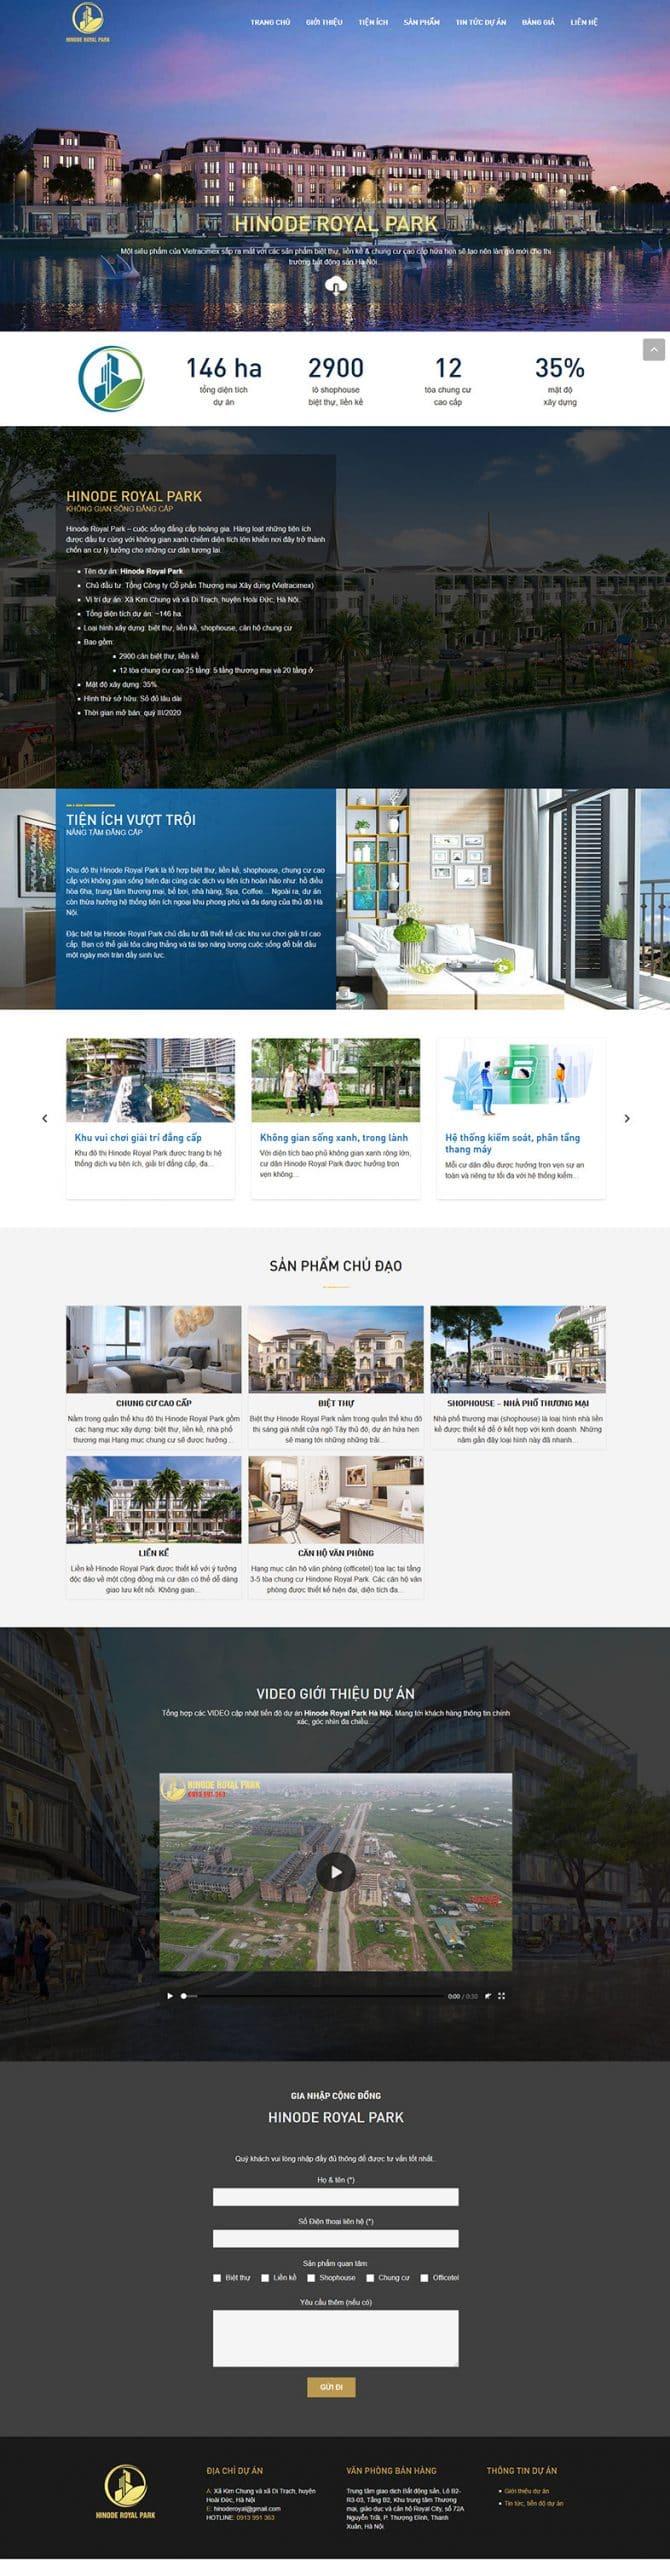 Ảnh chụp màn hình toàn bộ website Hinode Royal Park